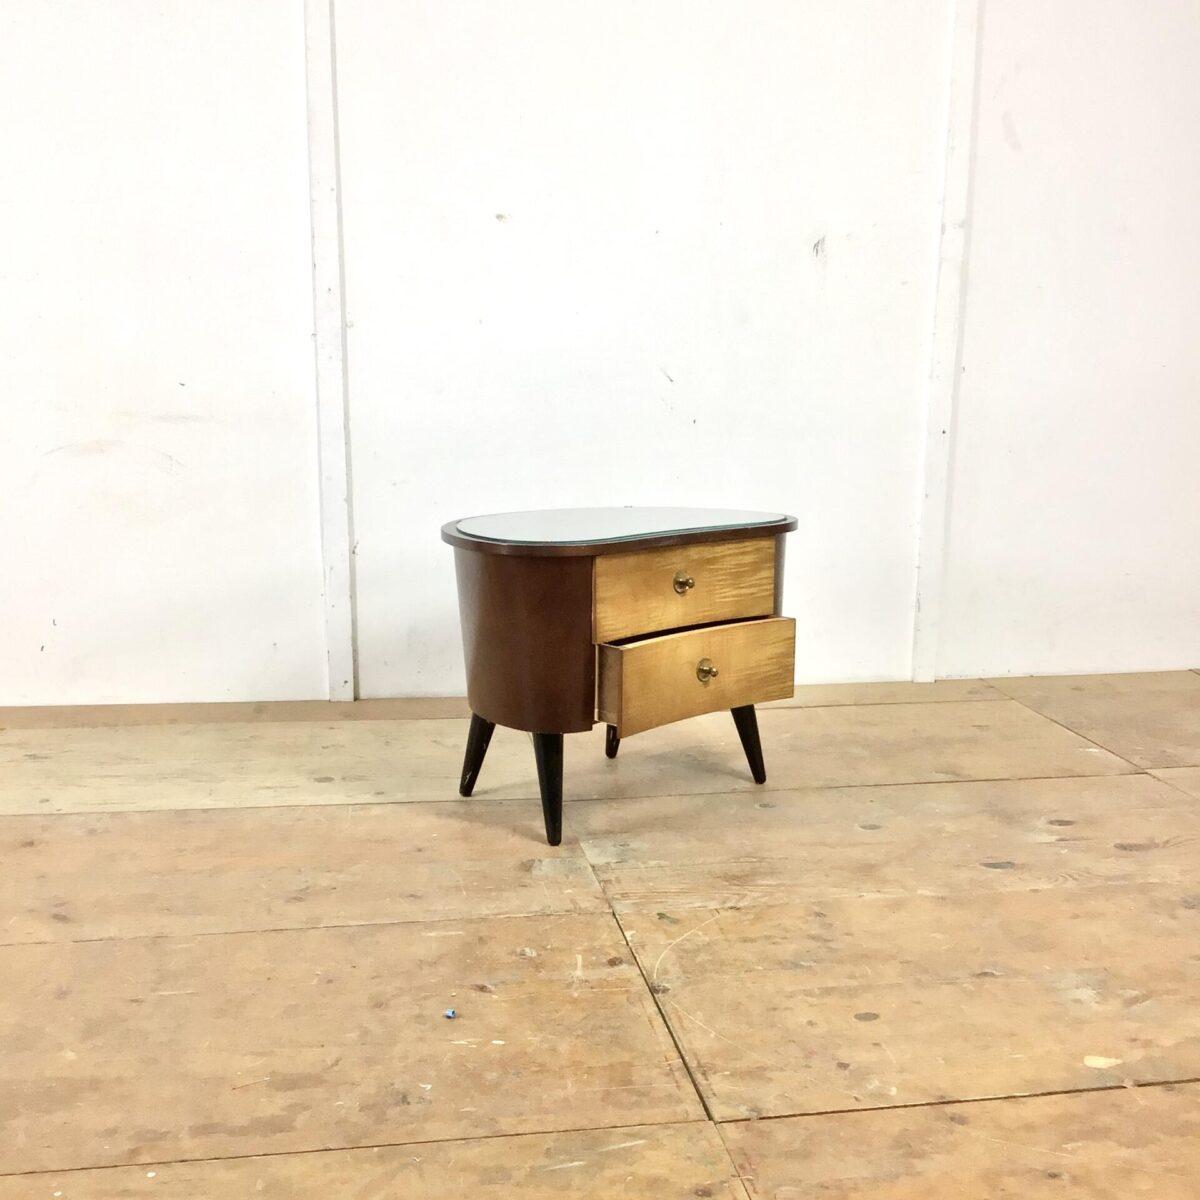 50er Jahre Schlafzimmermöbel, Nachttische mit länglicher Kommode. Geschwungene runde Möbel mit Schubladen, Türen und Glasoberfläche. Die kleinen sind 61 x 40cm Höhe 44cm. Das grosse Sideboard ist 127 x 49cm Höhe 42cm.